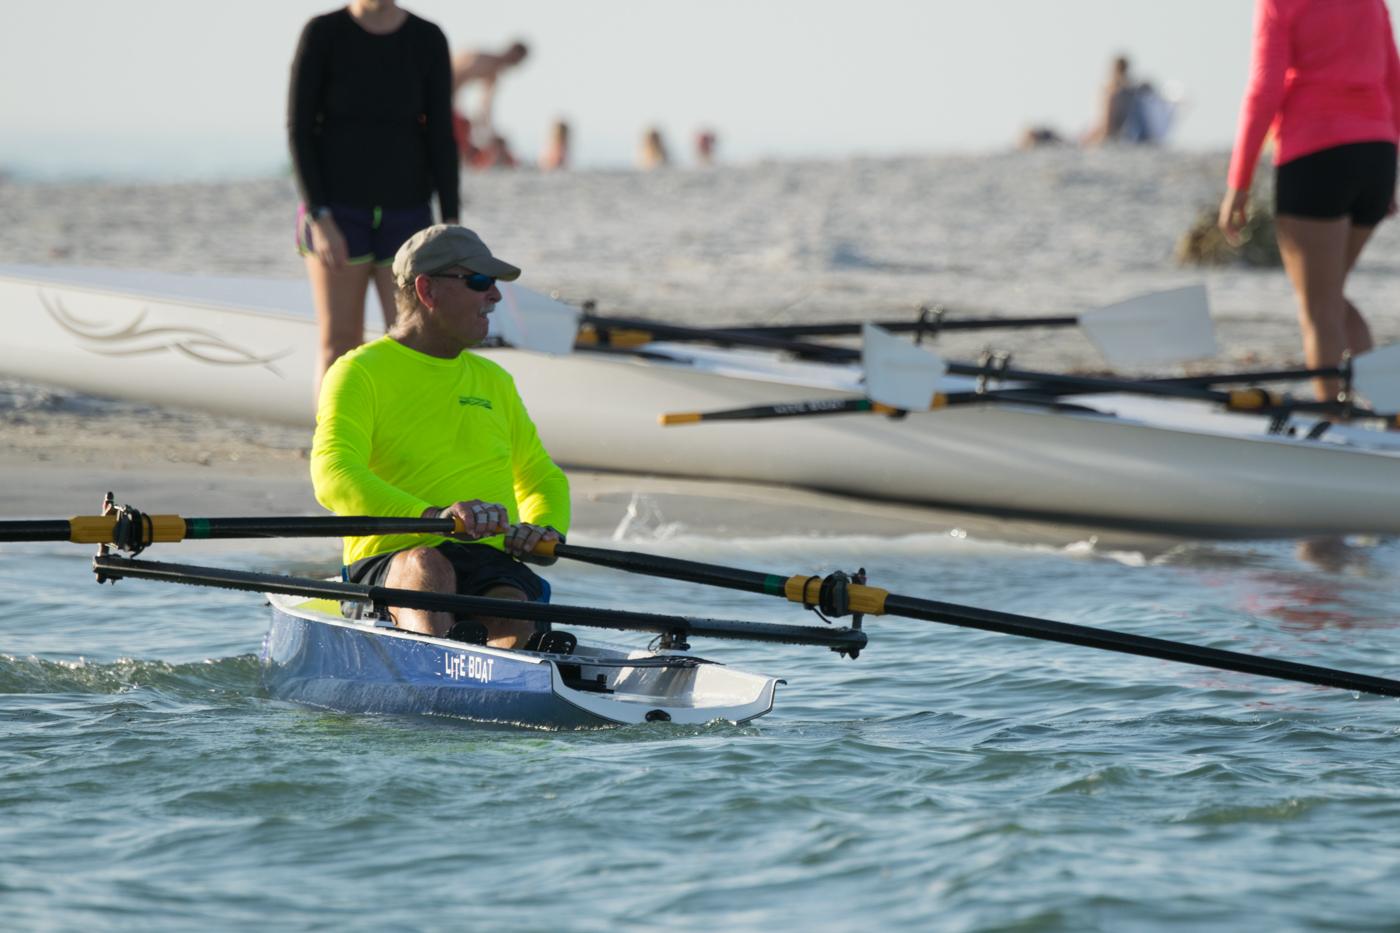 rowing_example_04-6.jpg